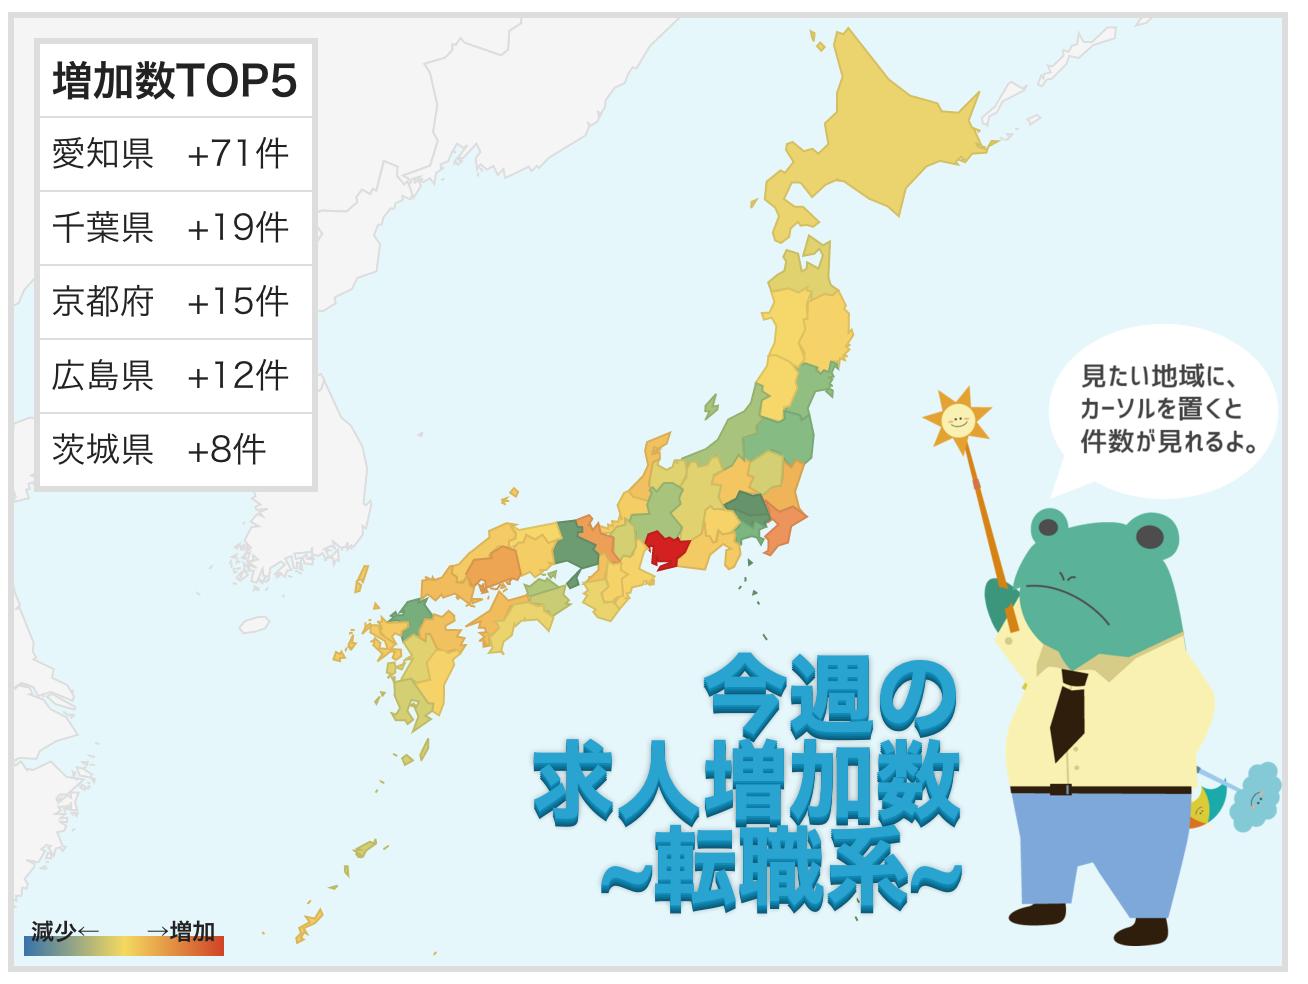 今週最も求人が増えたのは愛知(+71件)、減ったのは埼玉(ー31件) - 都道府県別求人掲載件数 -